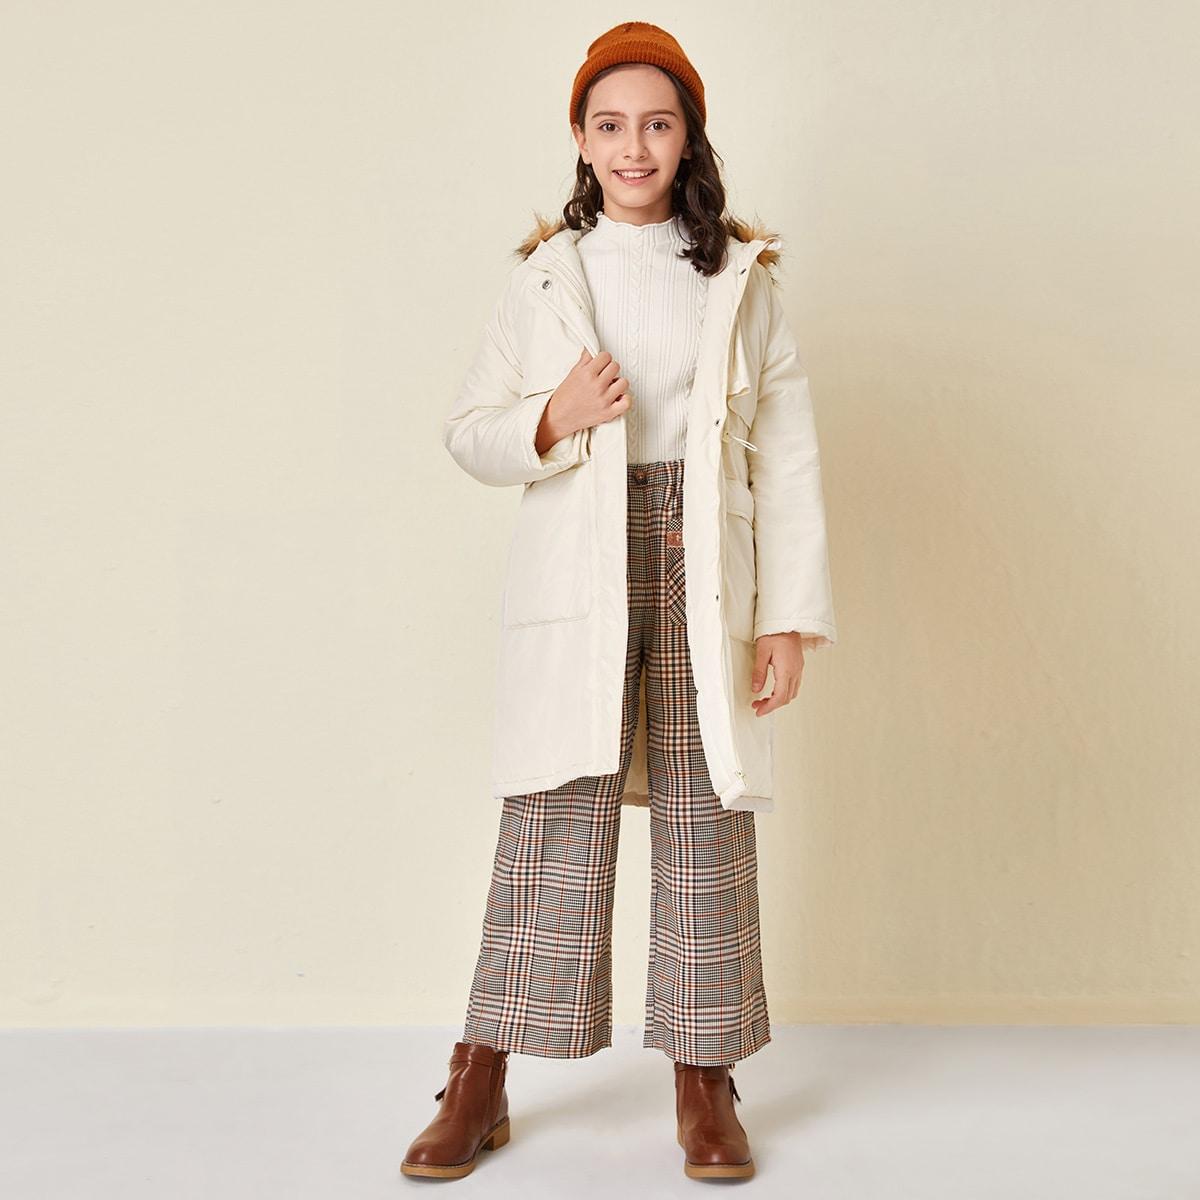 Kunstpelz Mantel mit Kordelzug auf Taille, Taschen Klappen vorn und Kapuze